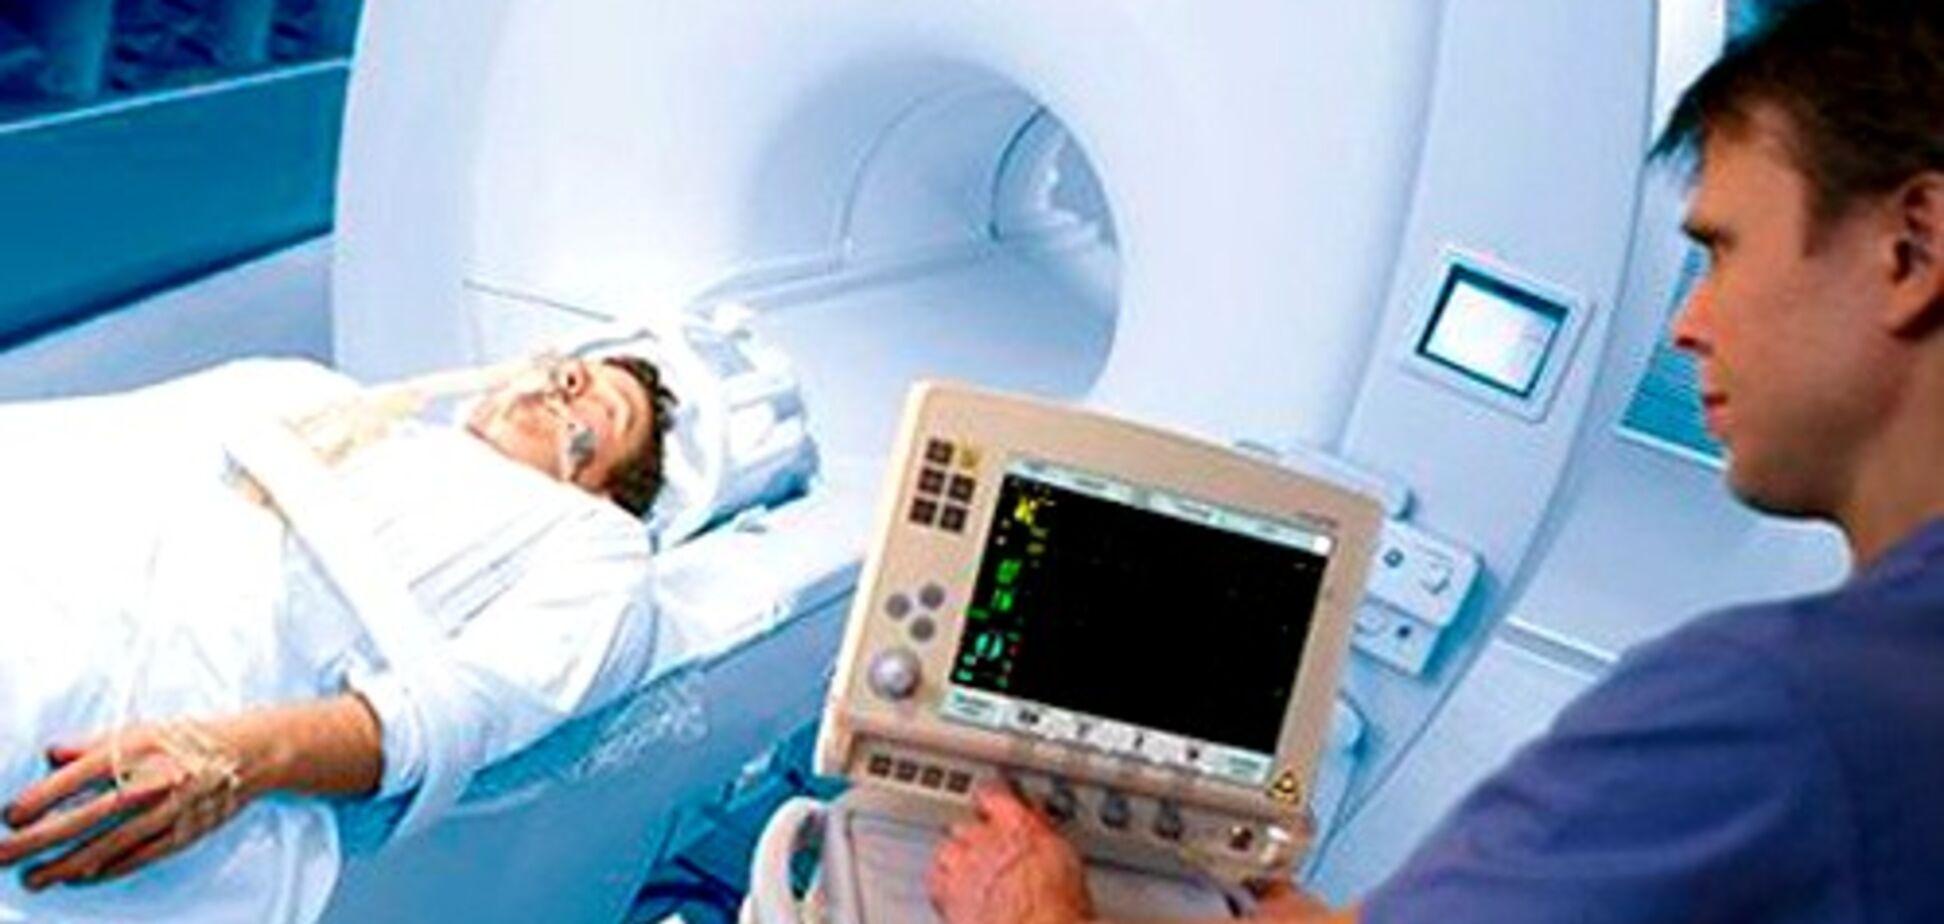 Непотрібні обстеження і процедури: медики опублікували список маніпуляцій